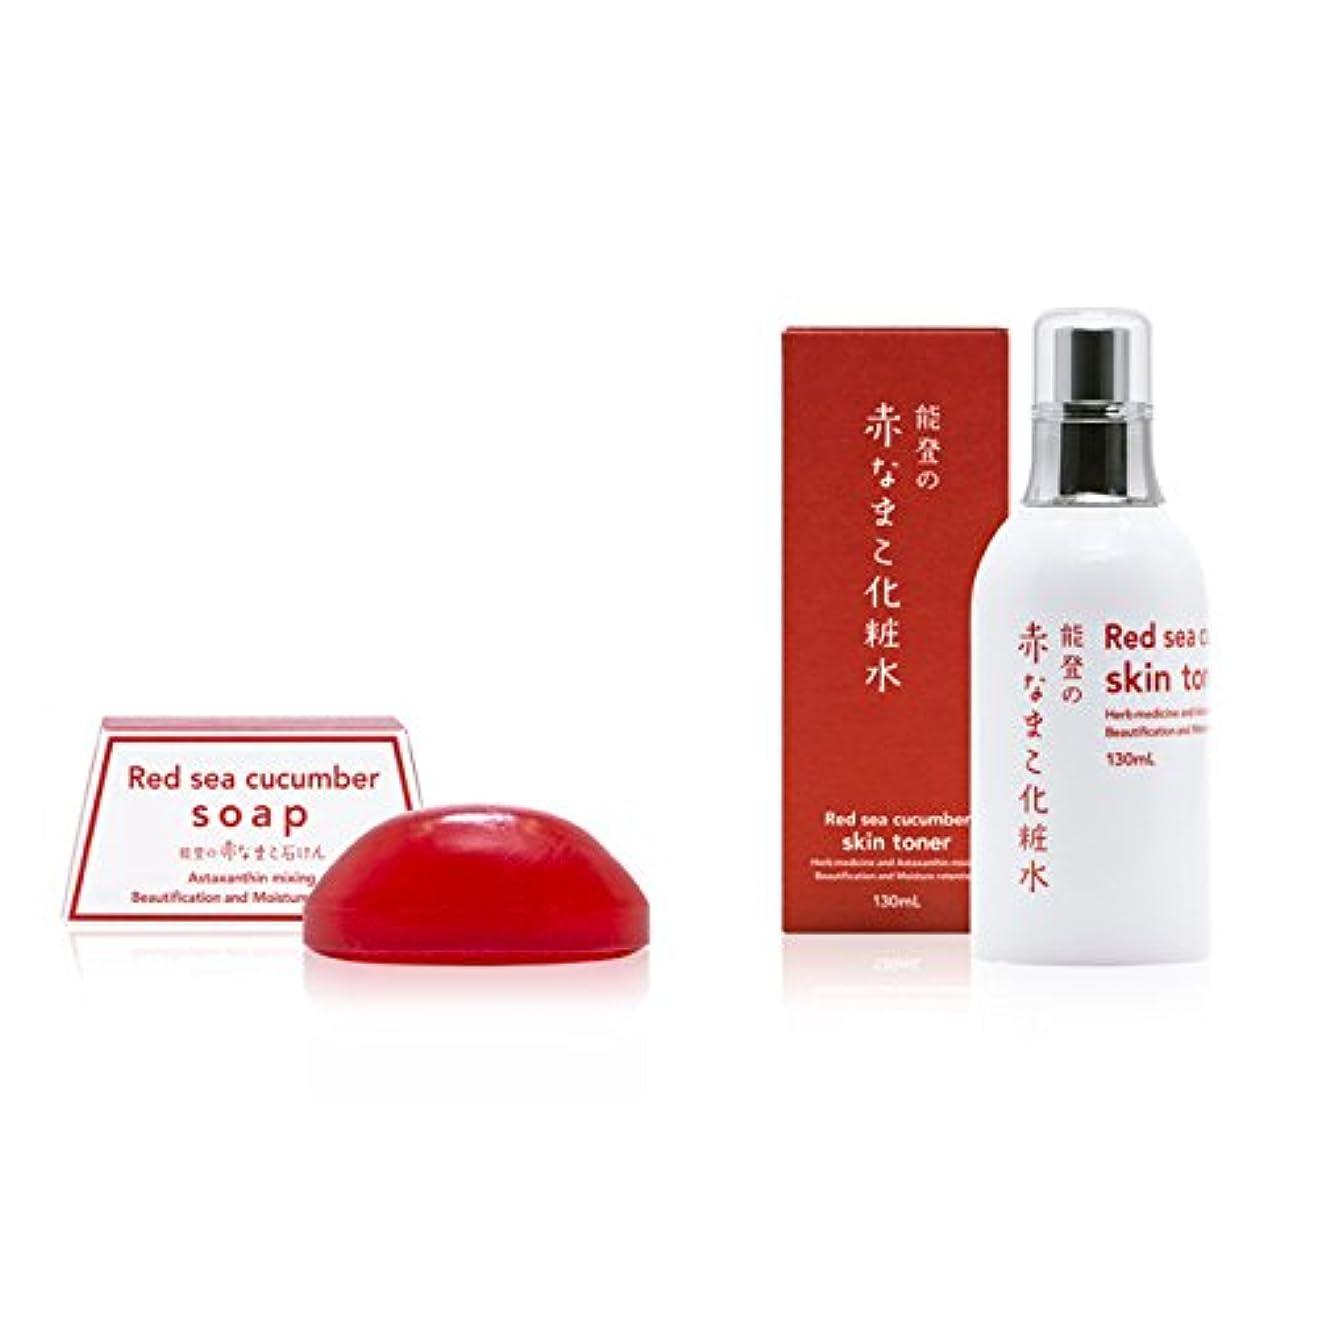 収縮疑問に思うと遊ぶ能登の赤なまこ石けん&能登の赤なまこ化粧水セット